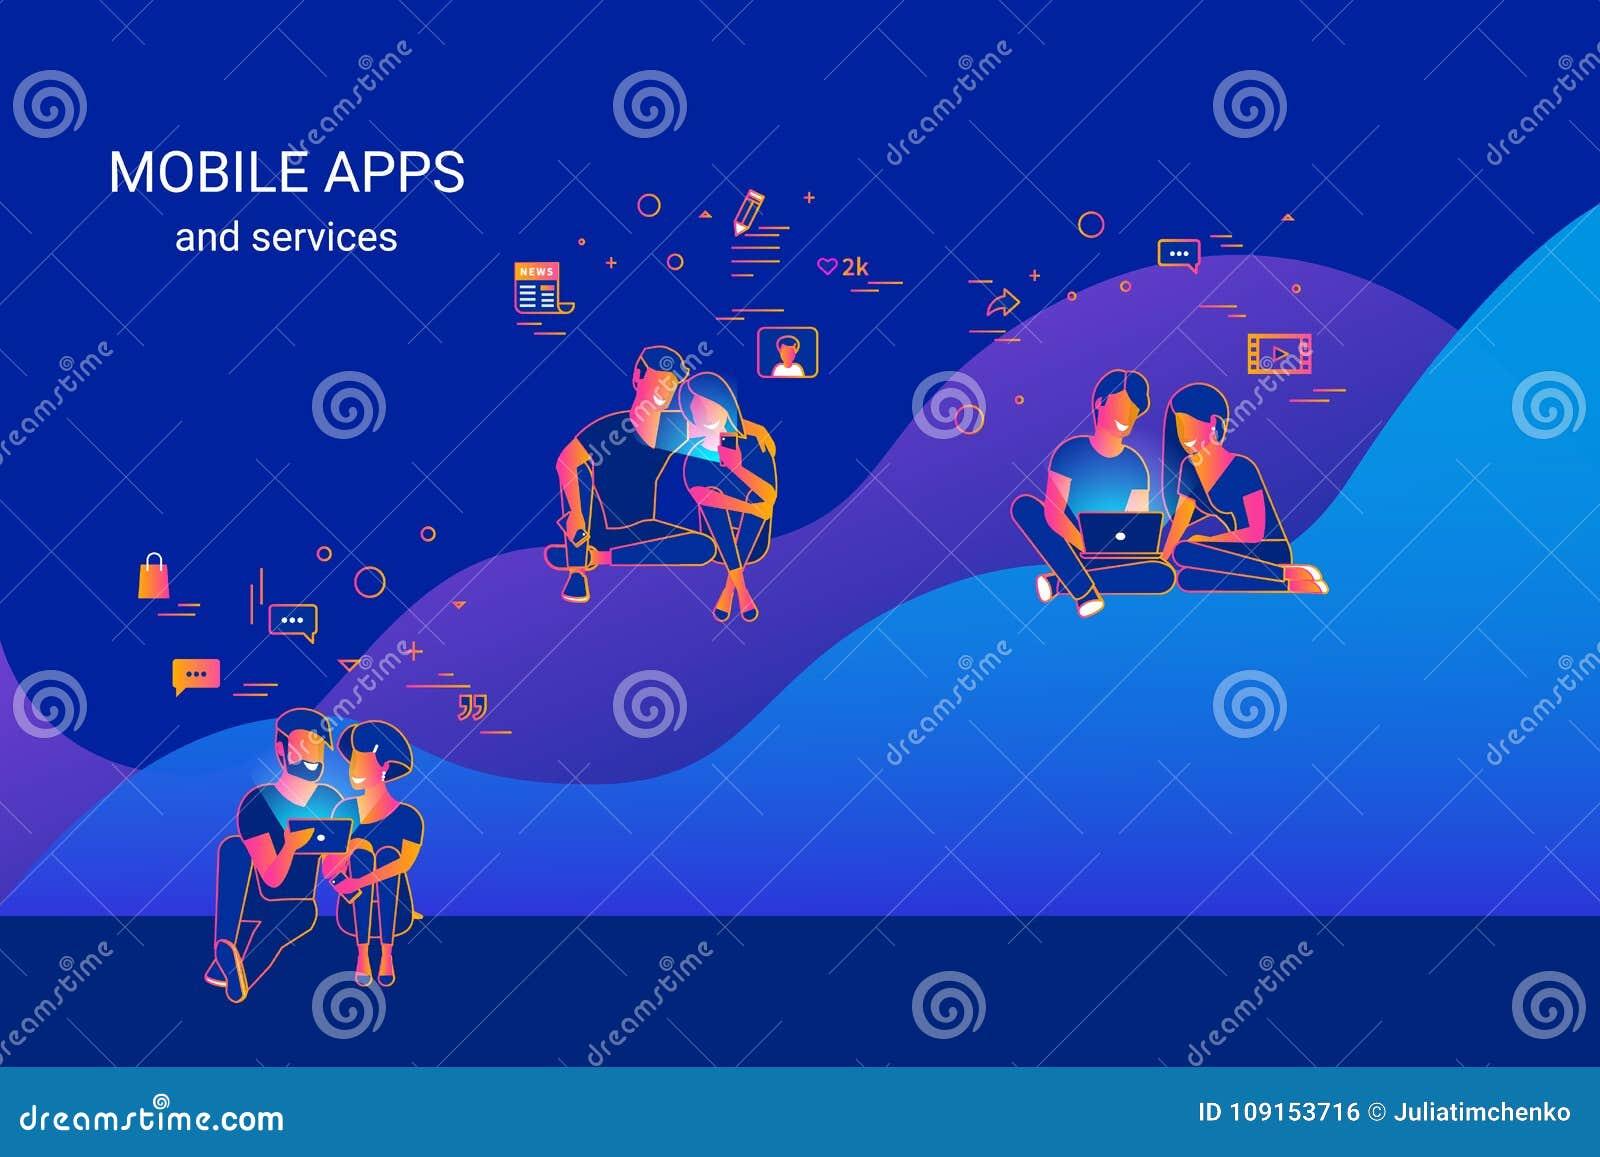 使用小配件例如智能手机、片剂和膝上型计算机的青年人坐图表和享受联机服务和